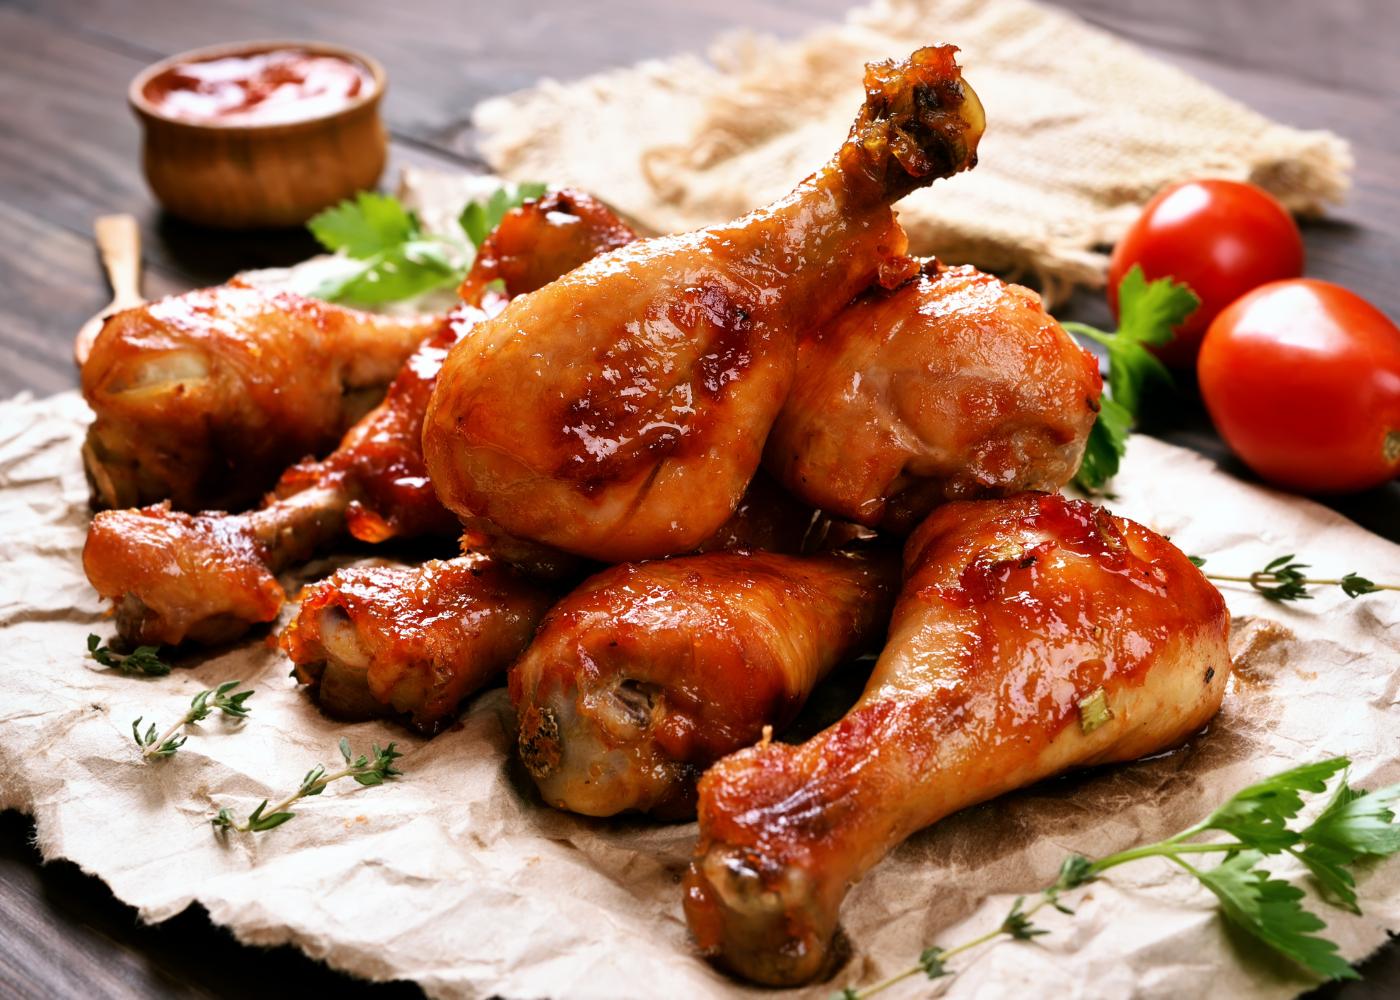 receitas com pernas de frango para o dia a dia